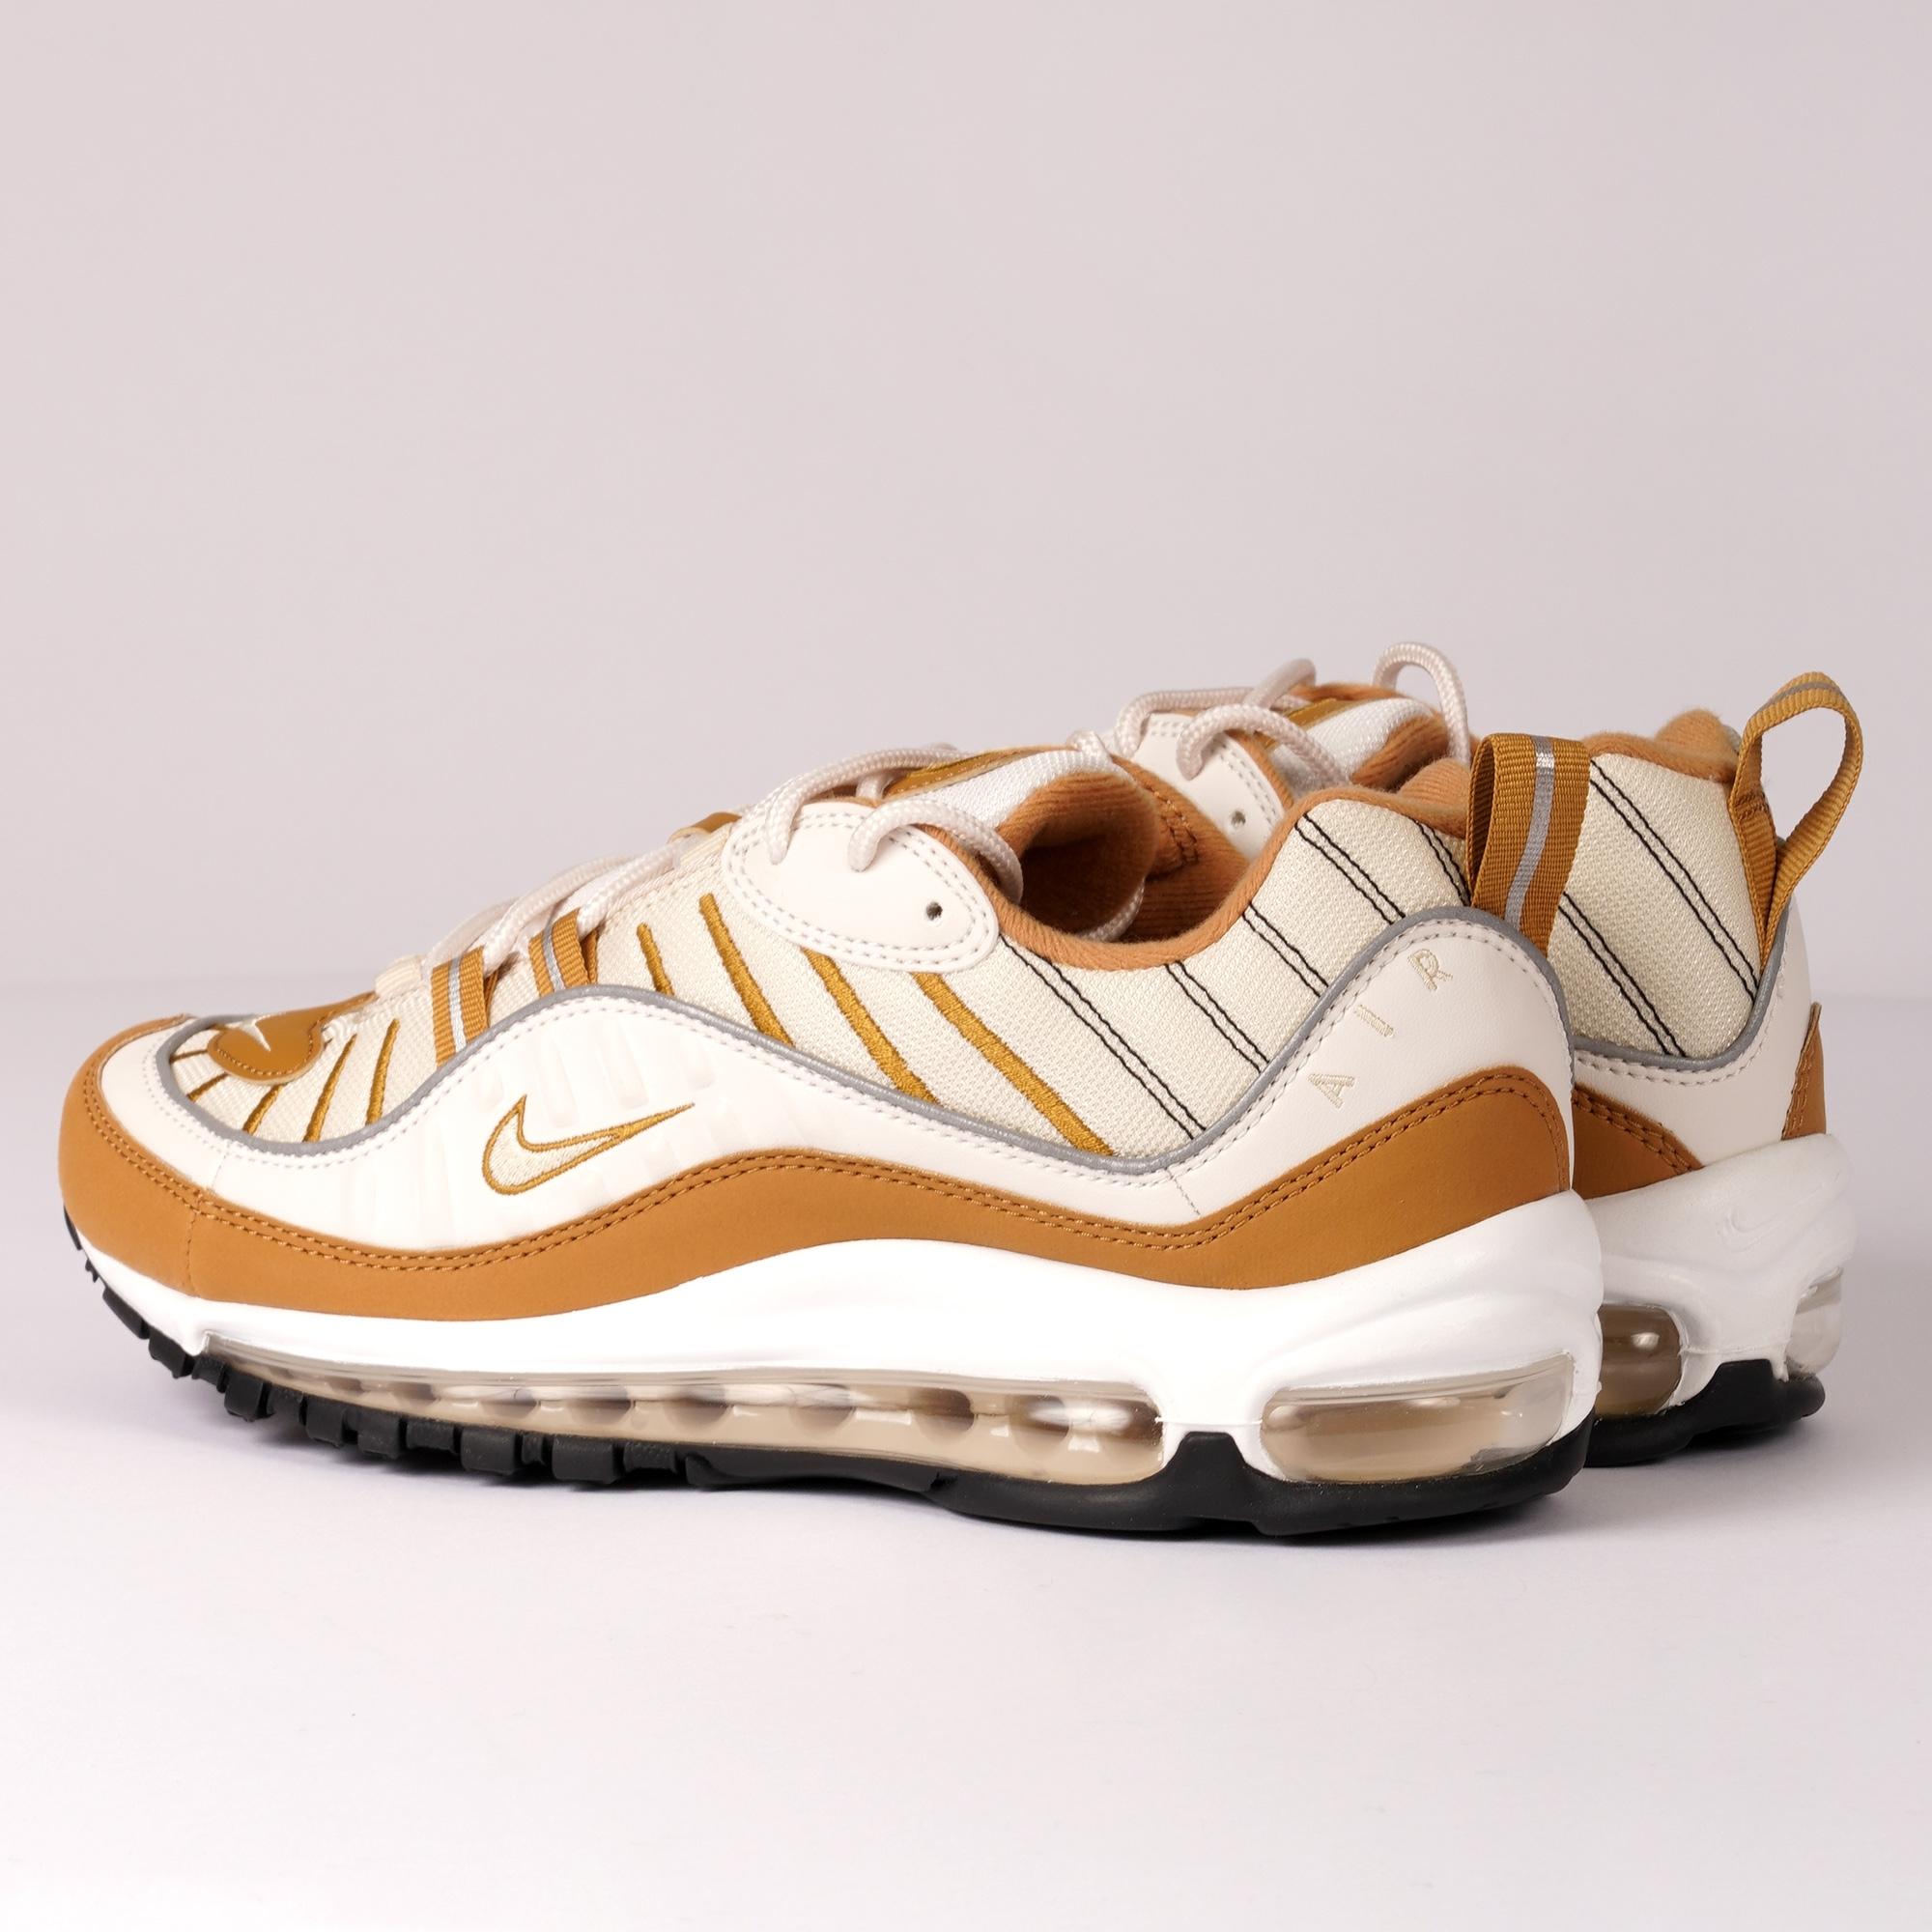 d8704c0d0 Nike Womens Air Max 98